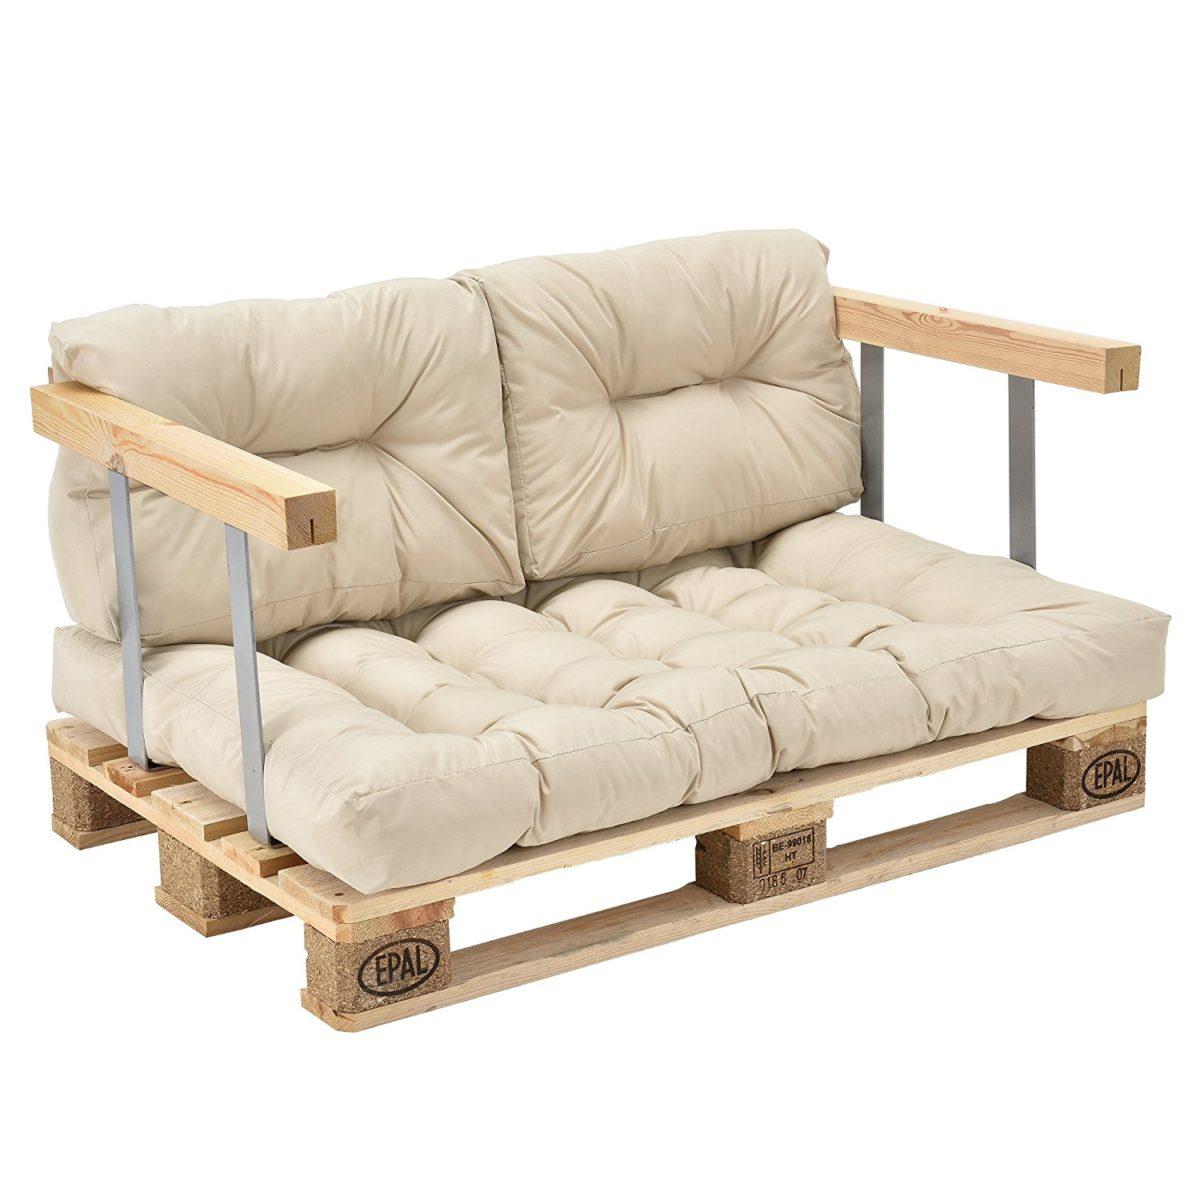 Espuma para sofas de palets elegant dnde puedo conseguir - Espuma para sofa de palets ...